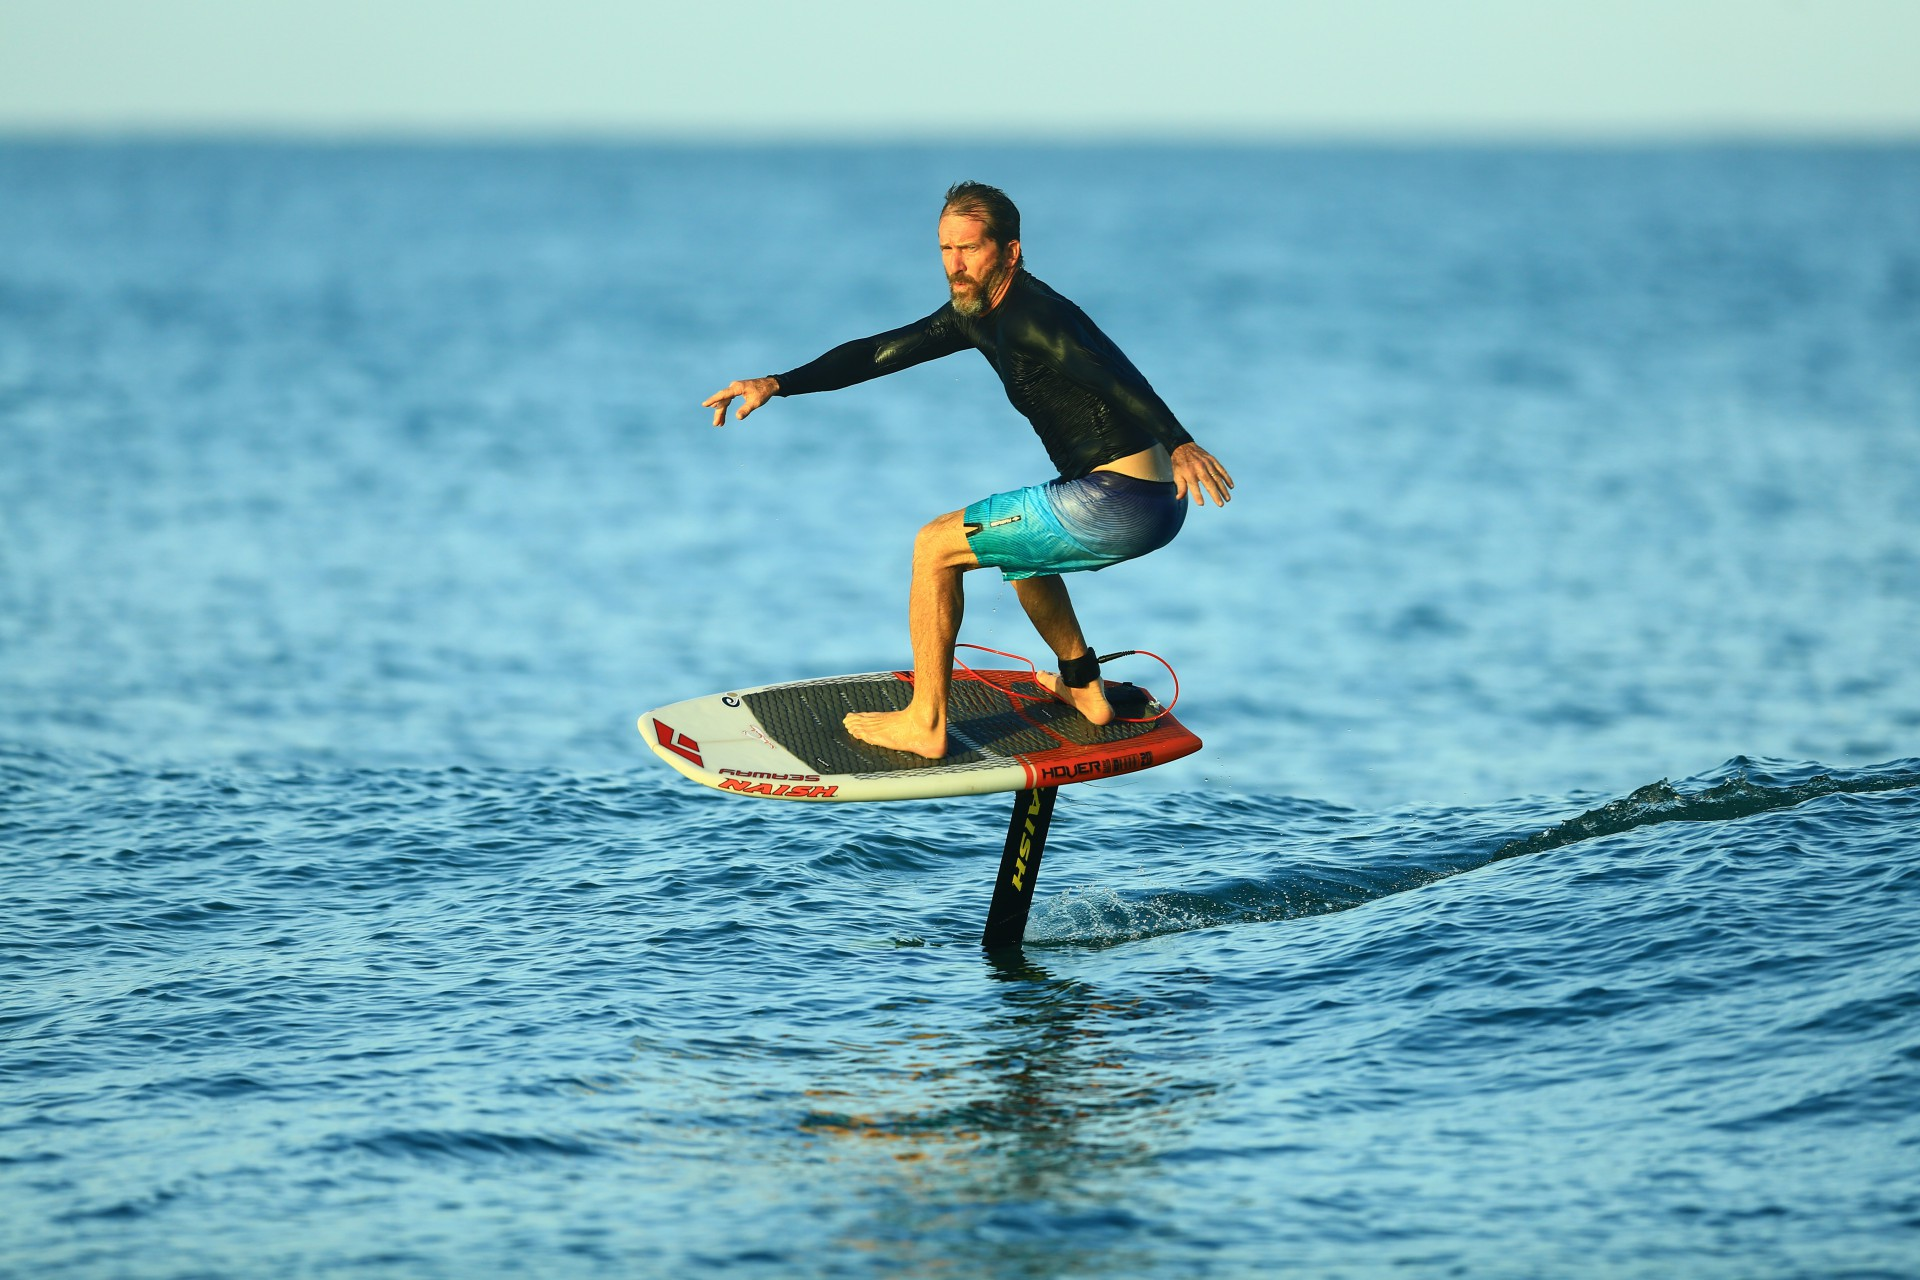 (Foto: Eliseu Souza / Divulgação)A prancha para hydrofol tem sido um dos destaques das praias cearenses. Jericoacoara, esportes radicais, surfe